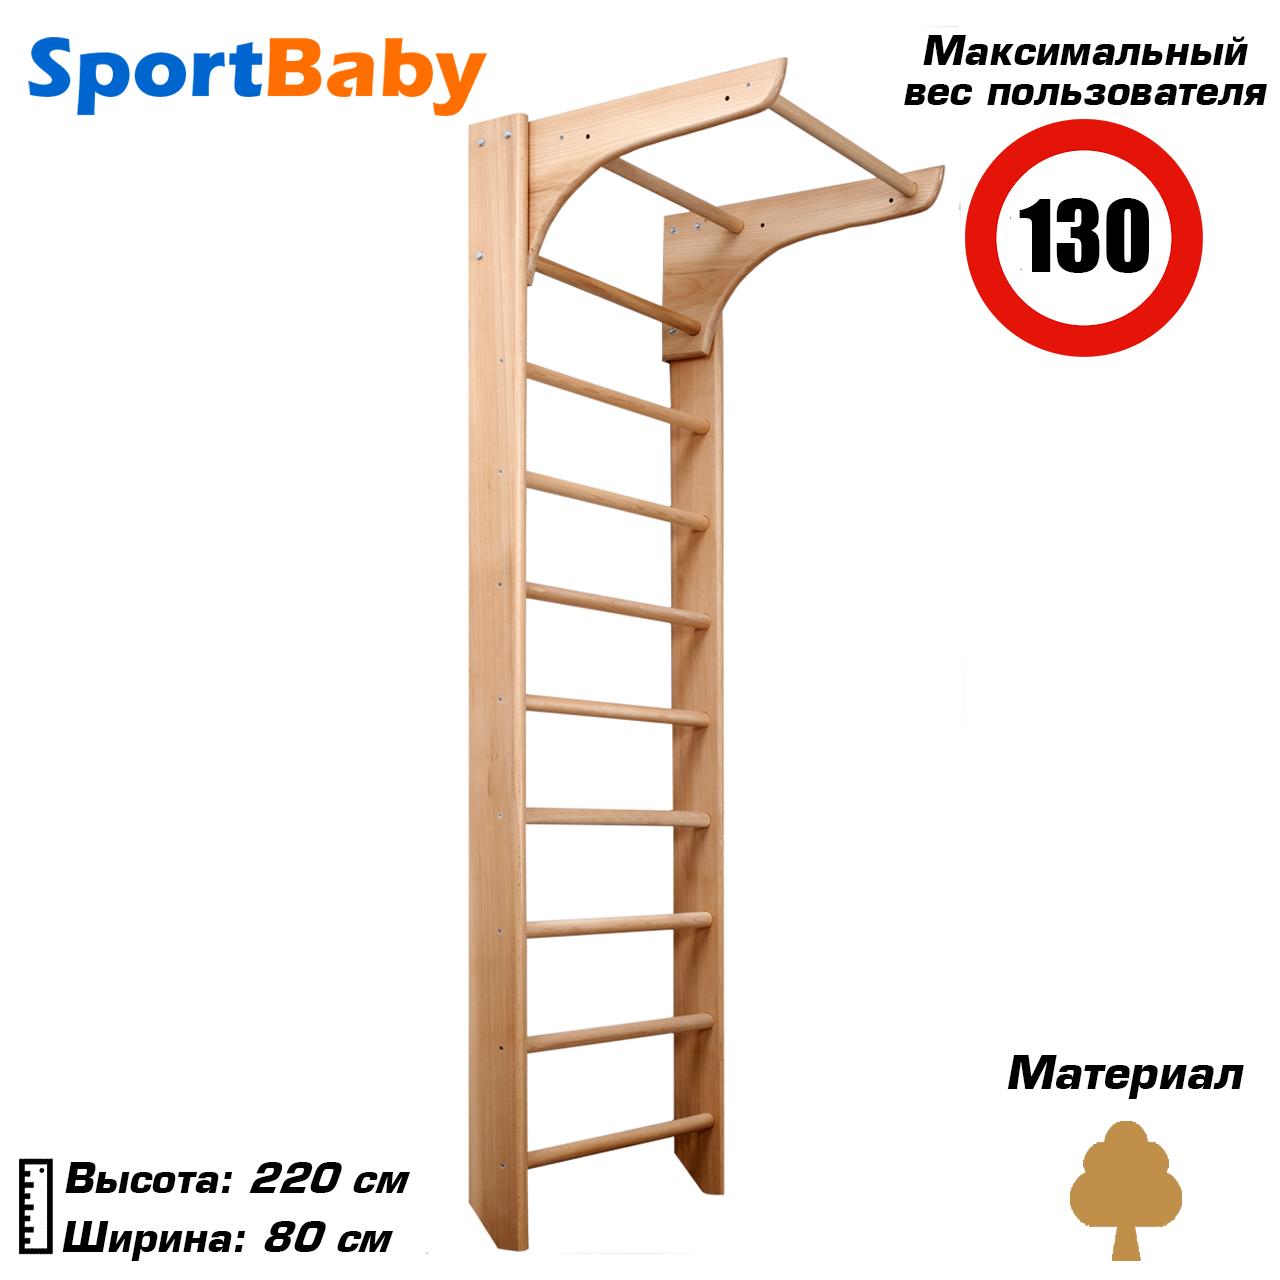 Шведская стенка для детей с турником - «Bambino 1-220»